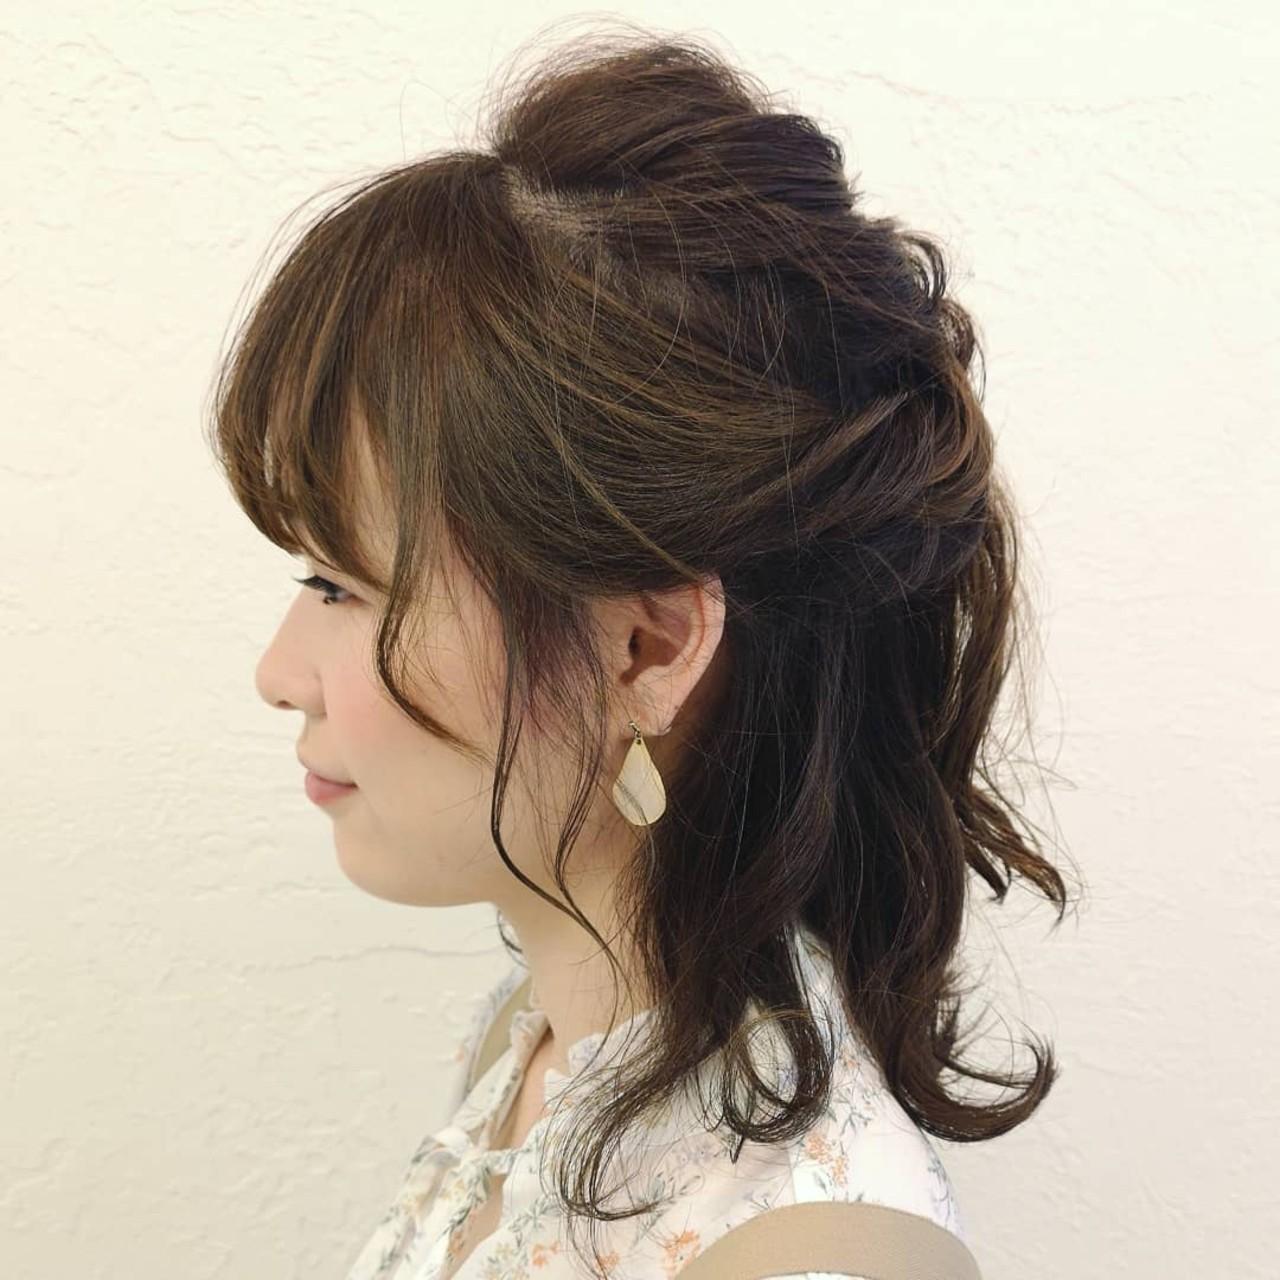 デート ボブ ヘアアレンジ ハーフアップ ヘアスタイルや髪型の写真・画像